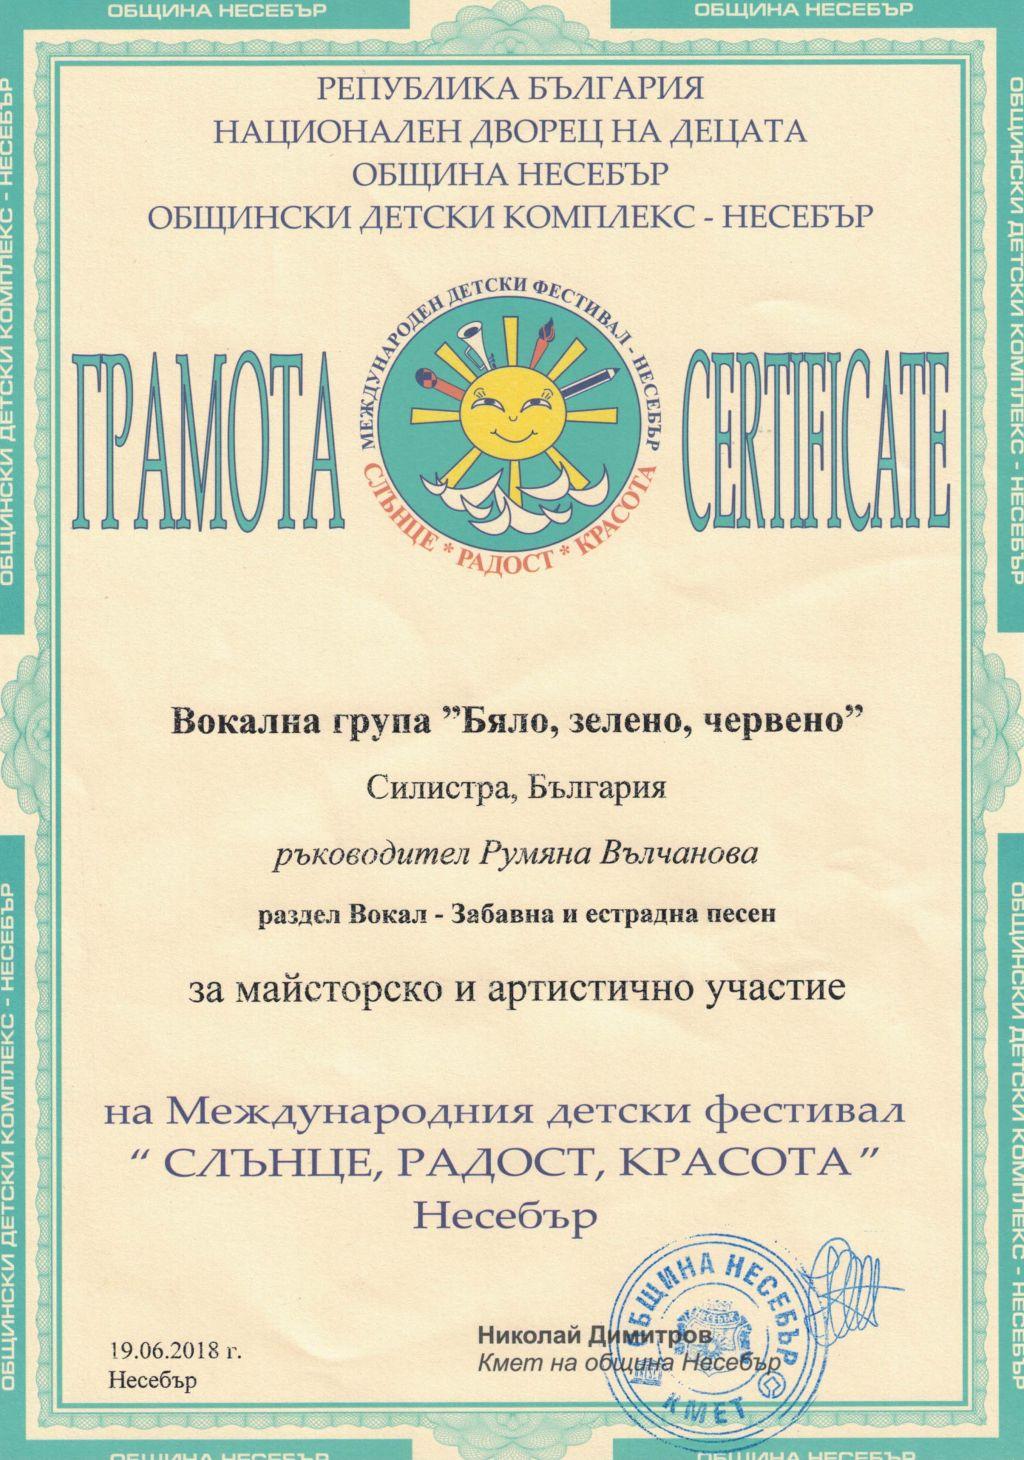 19-ти Международен детски фестивал СЛЪНЦЕ РАДОСТ КРАСОТА - Несебър - голяма снимка